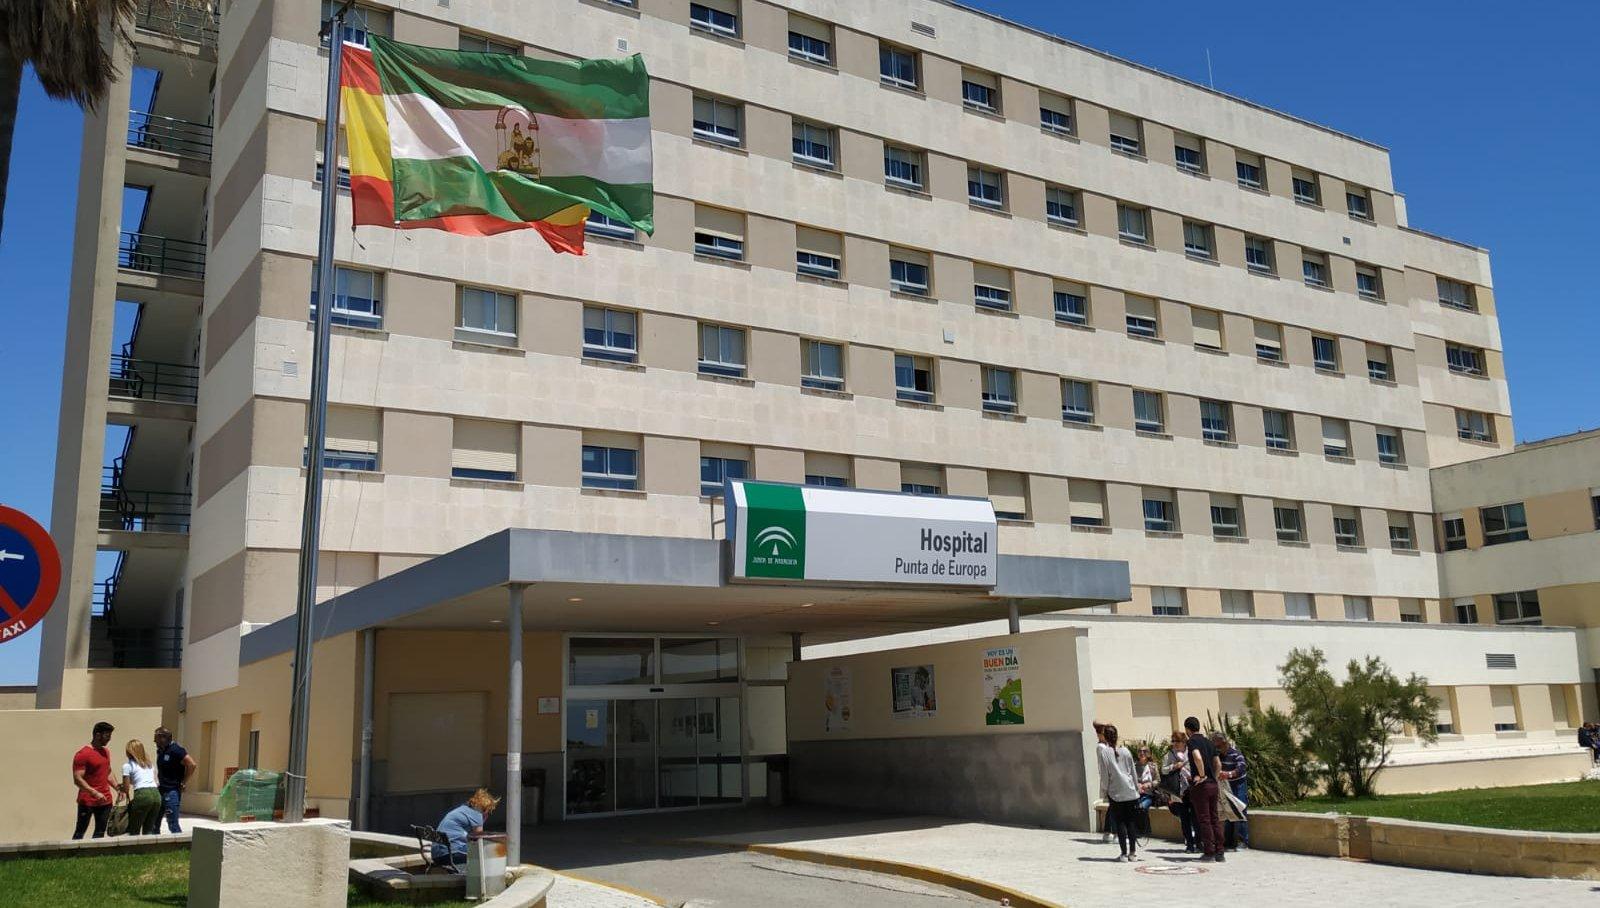 El PSOE se suma a las reivindicaciones por una sanidad pública de calidad ante el aumento de las listas de espera